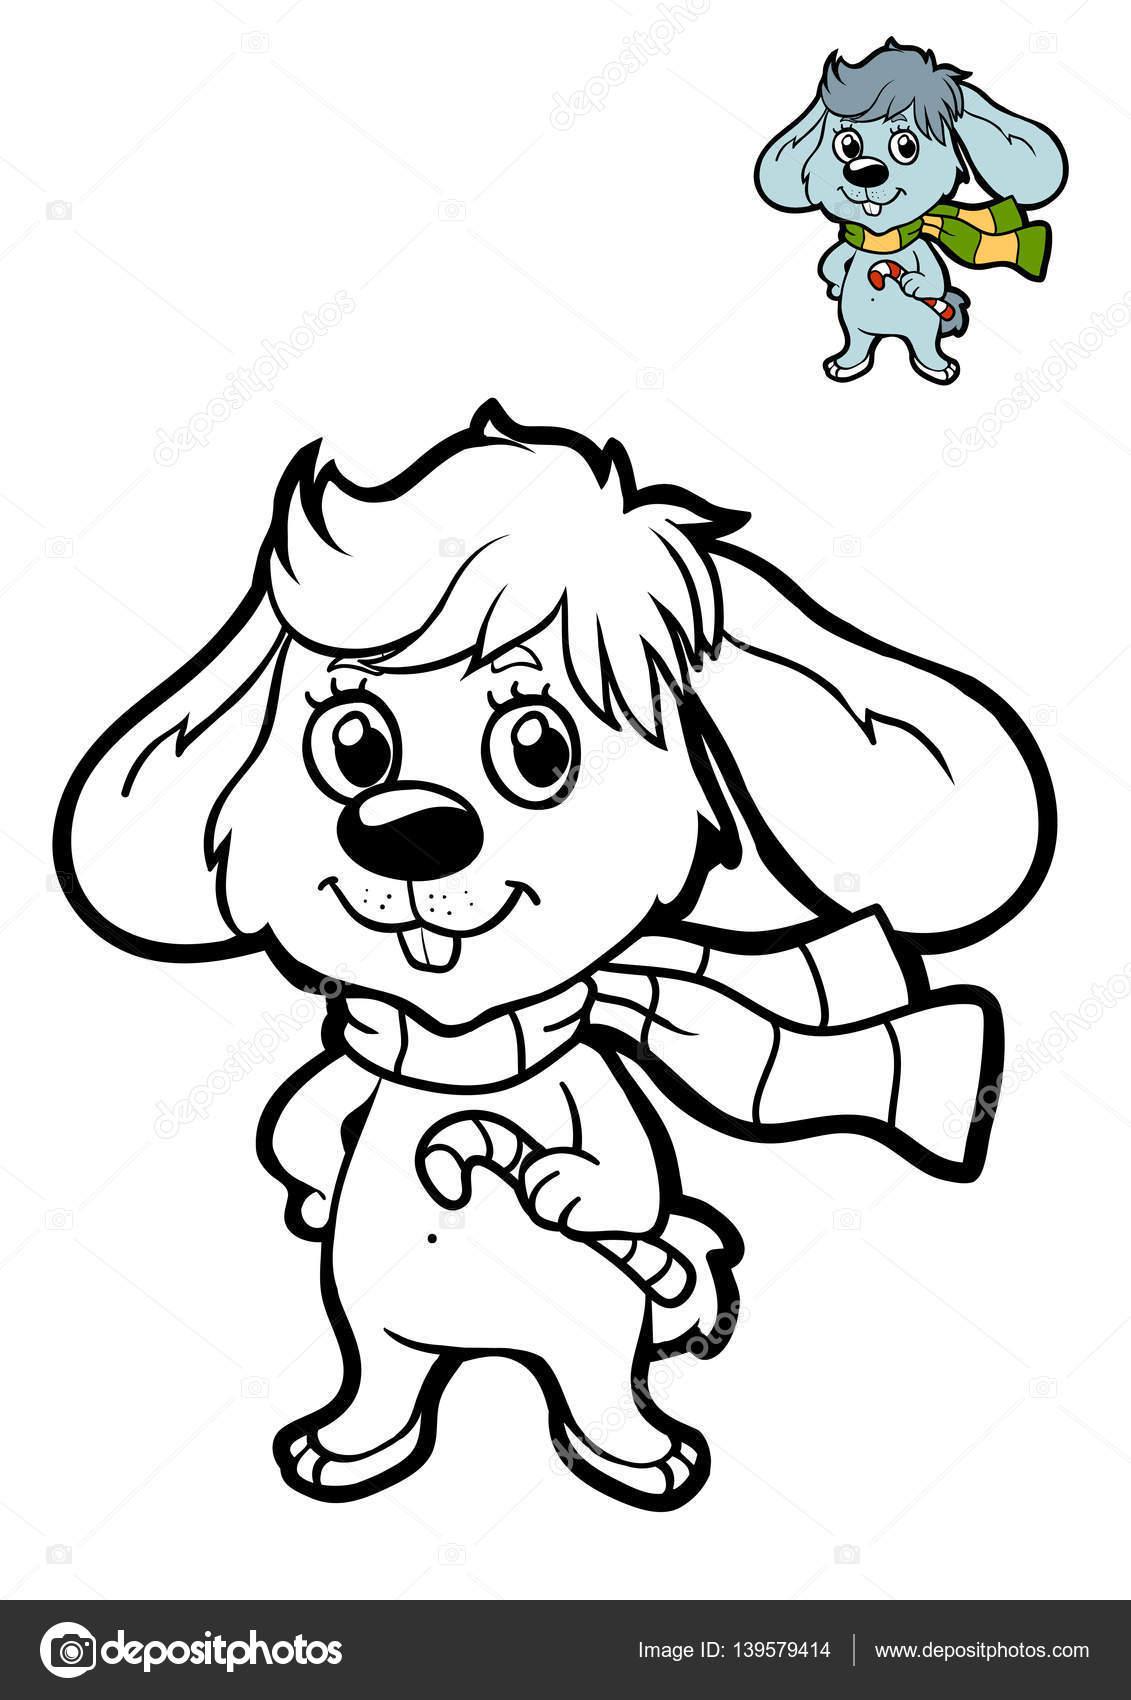 çocuklar Tavşan Boyama Kitabı Stok Foto Ksenyasavva 139579414